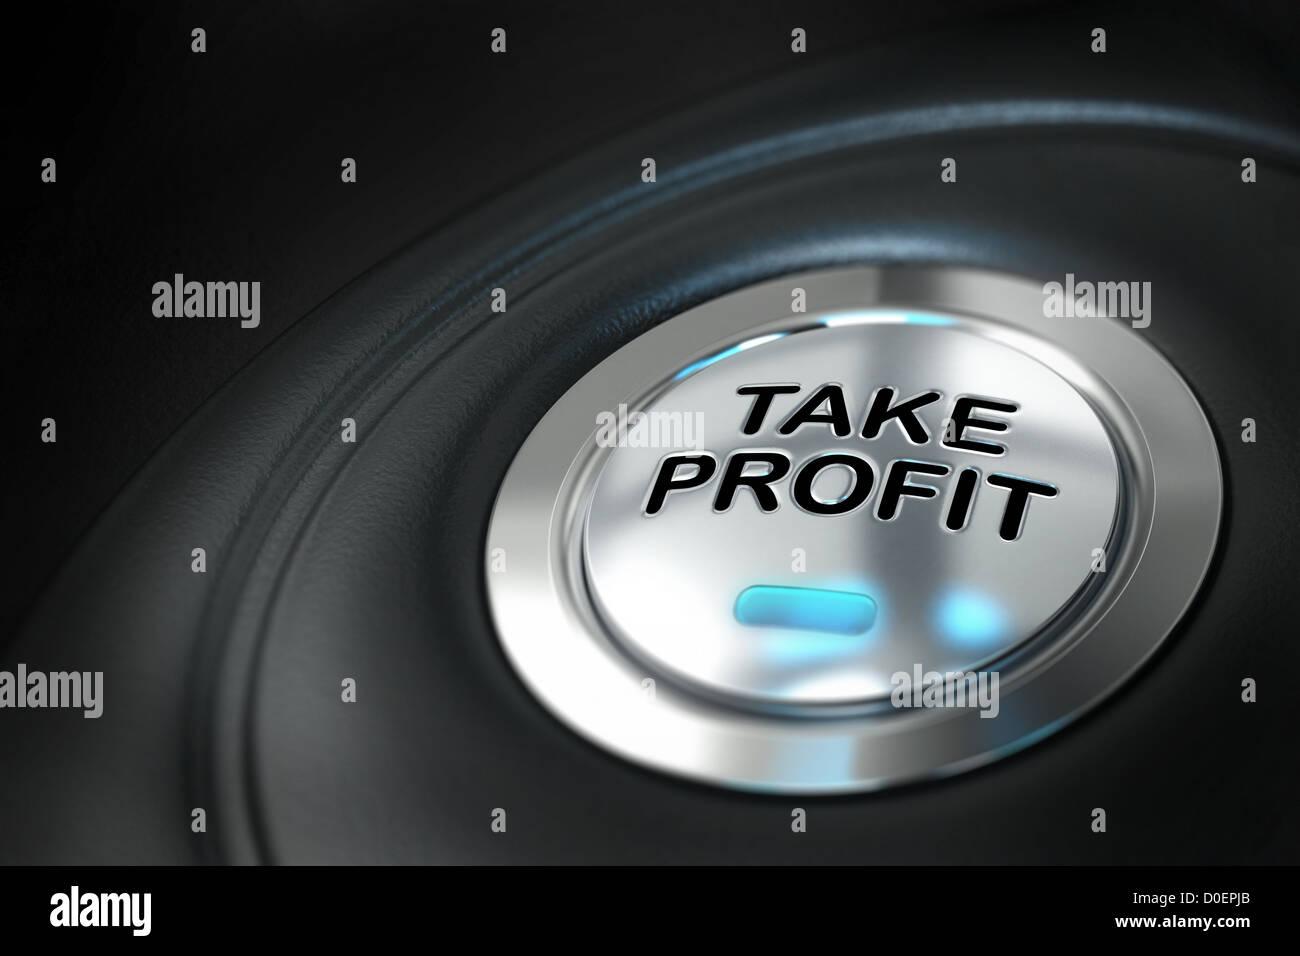 Bouton take profit sur fond noir avec effet de flou, l'investissement du marché, conceptual image Banque D'Images